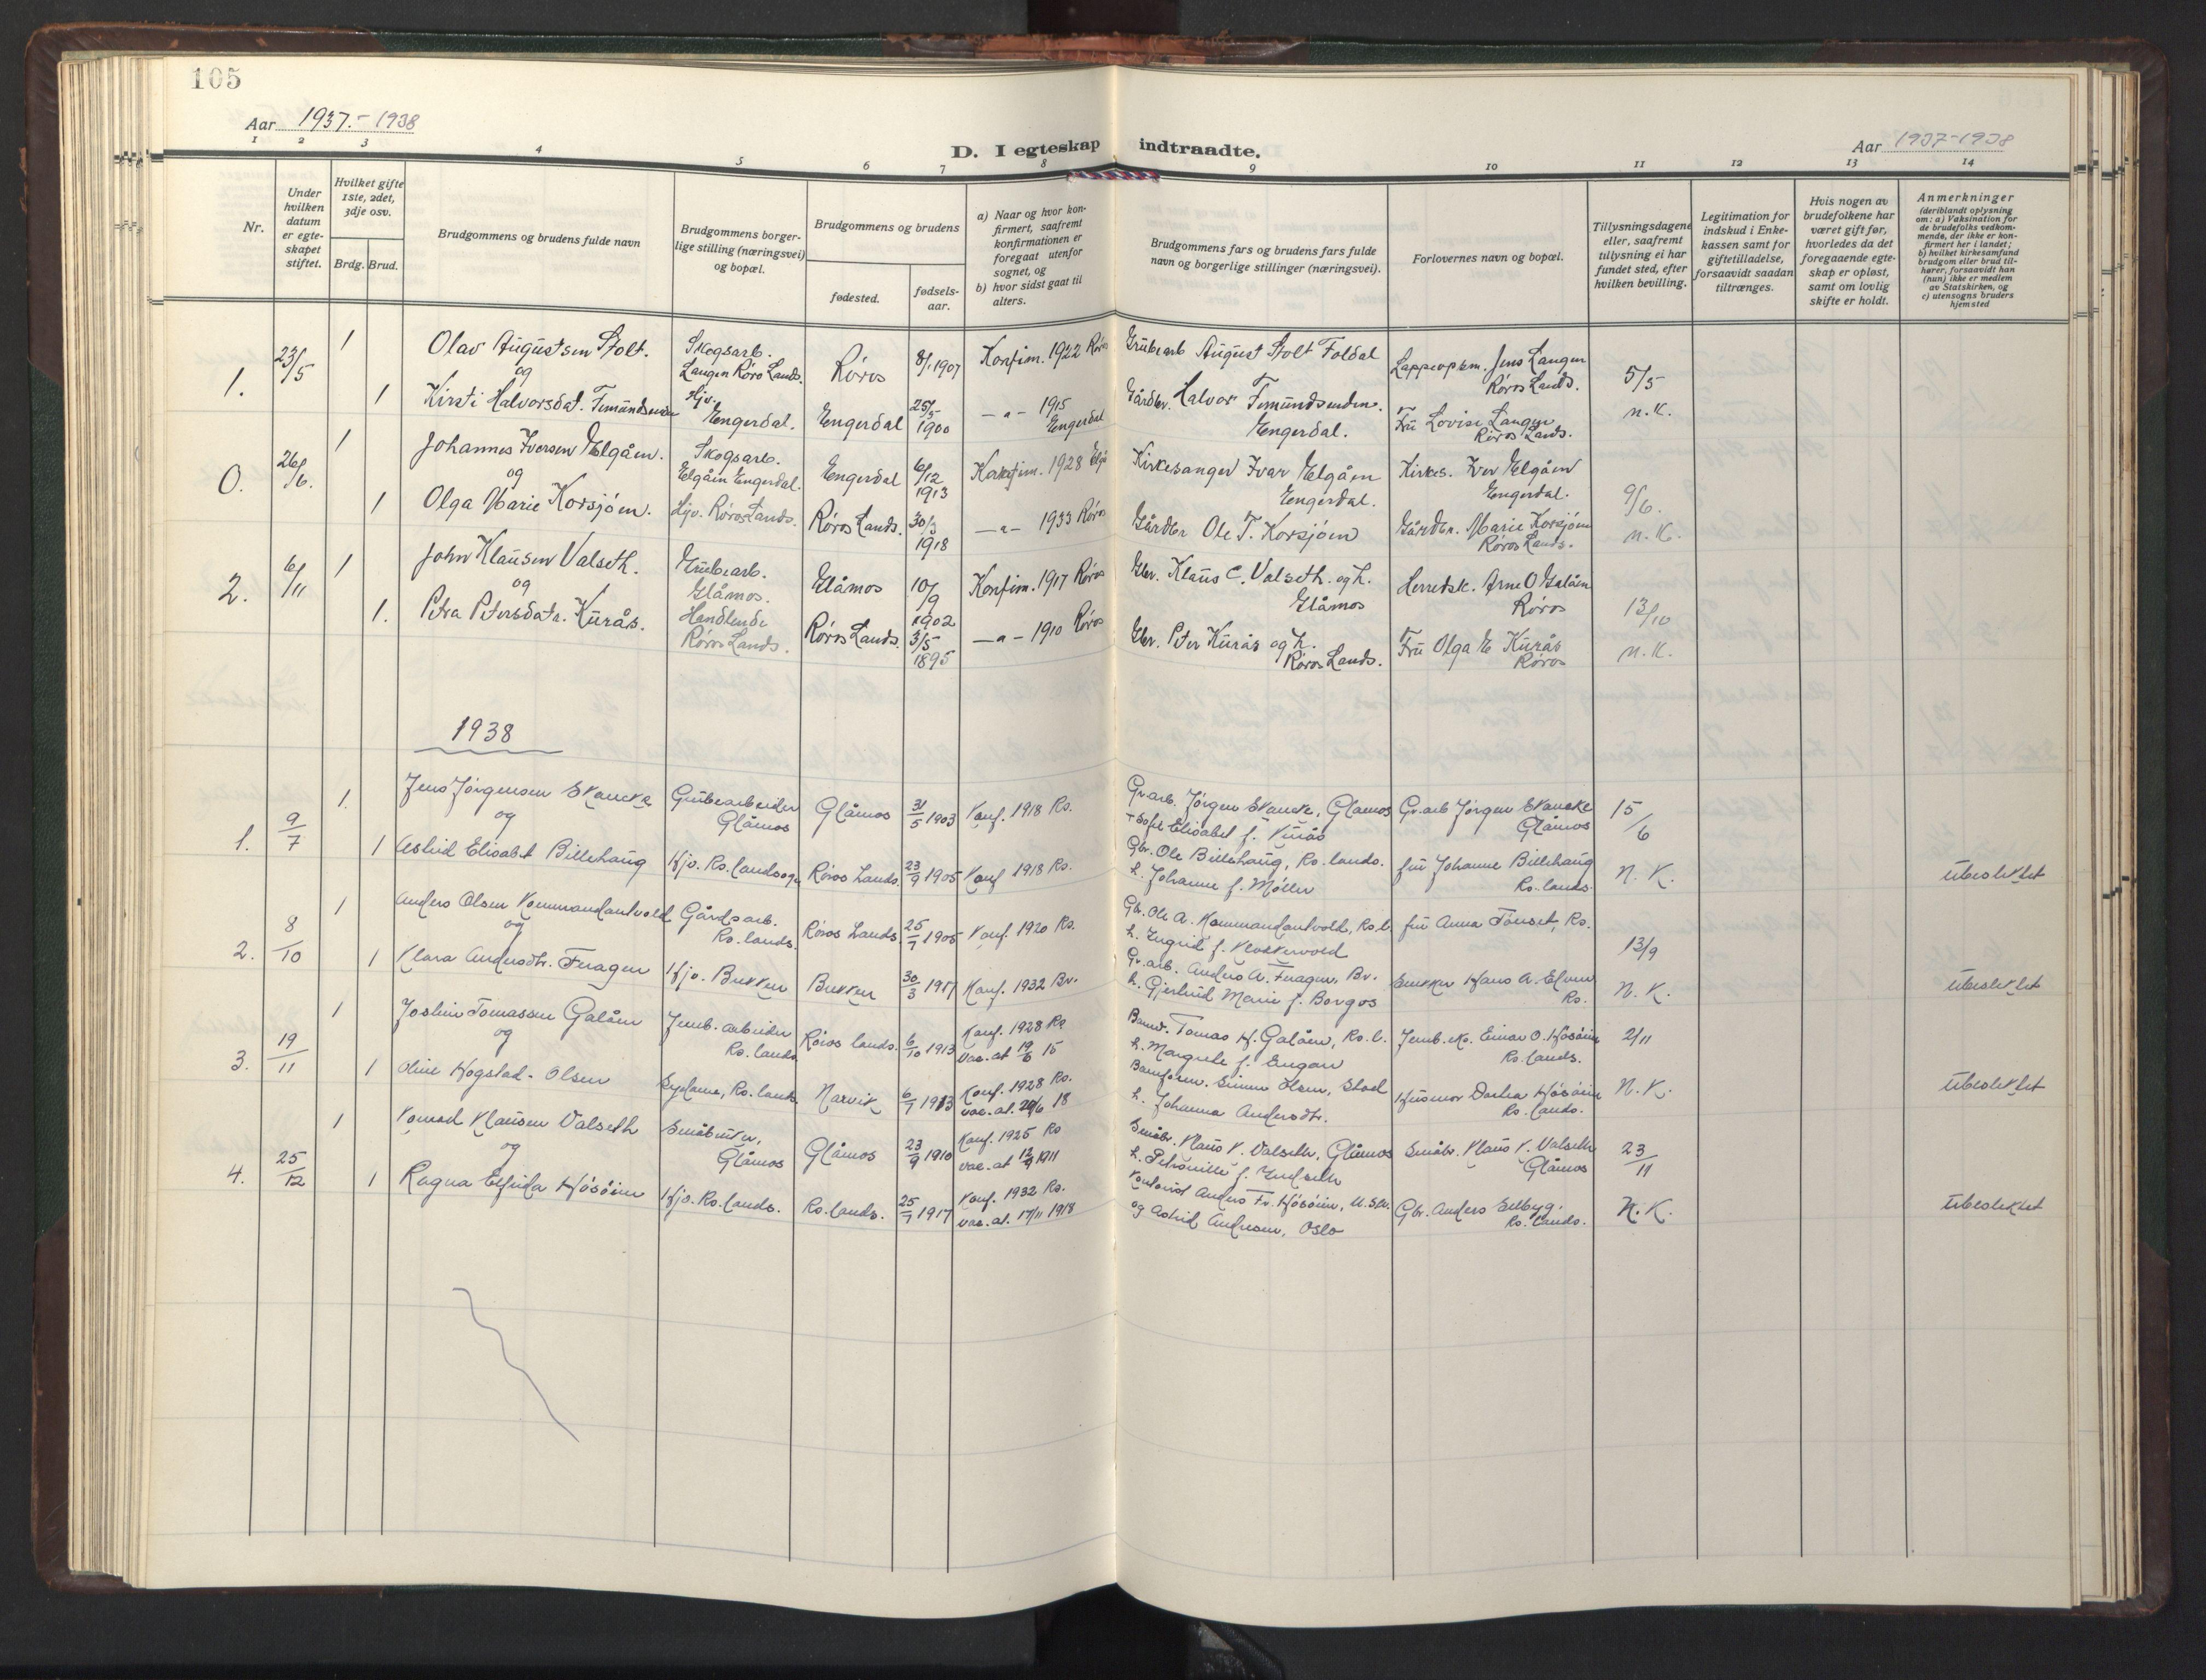 SAT, Ministerialprotokoller, klokkerbøker og fødselsregistre - Sør-Trøndelag, 681/L0944: Klokkerbok nr. 681C08, 1926-1954, s. 105